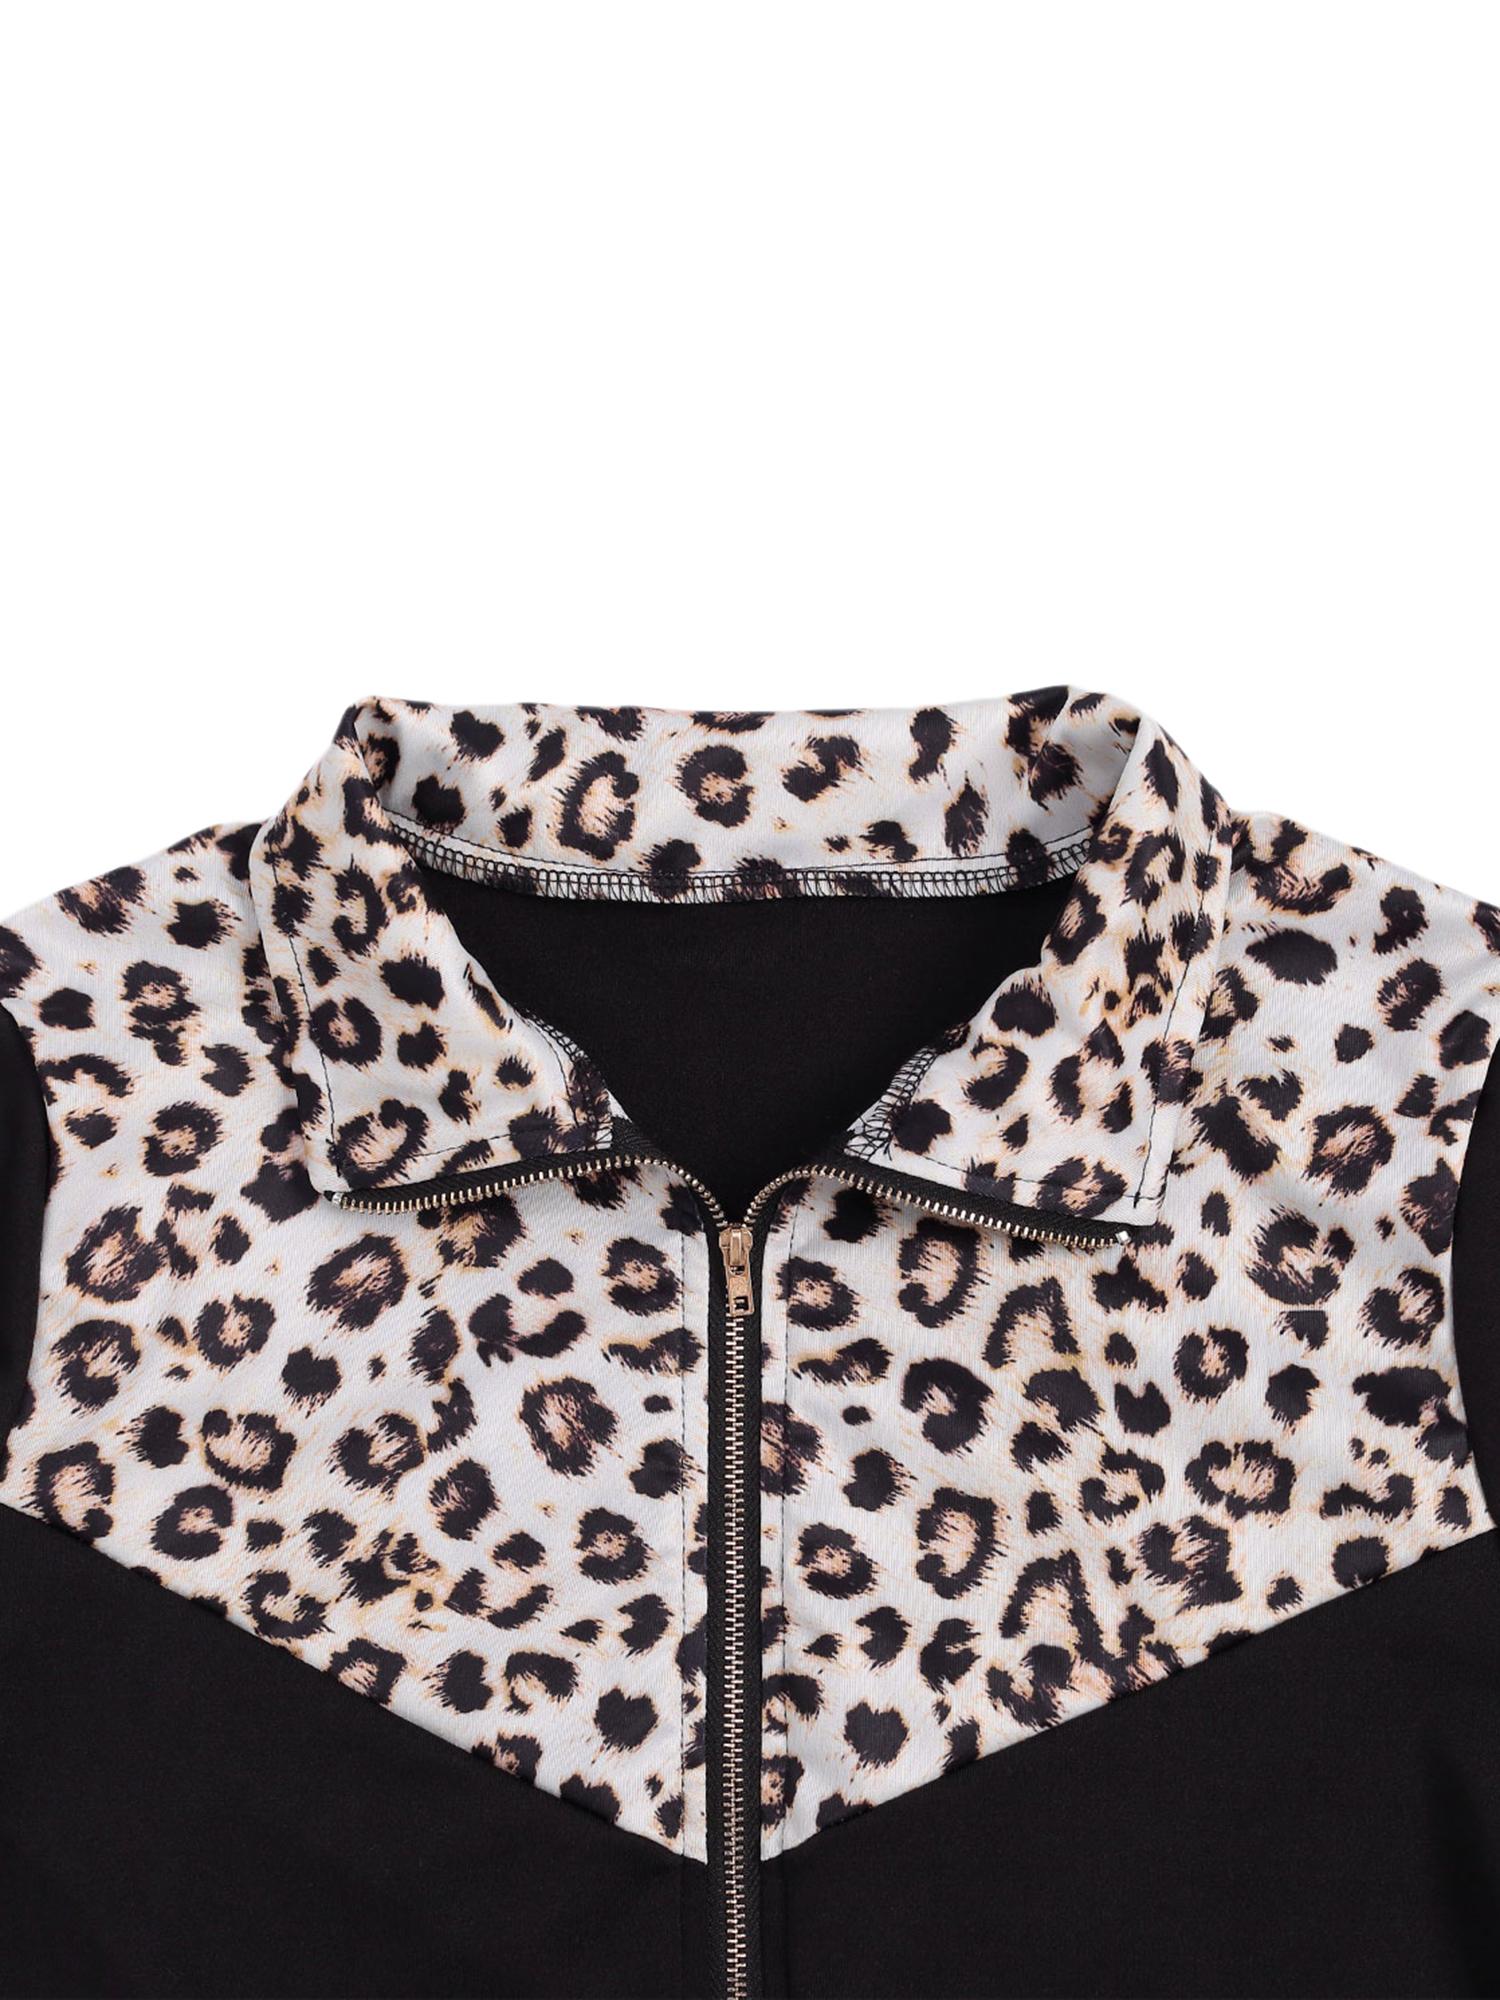 Sportswear Long Sleeve Leopard Zip Top and Long Pants Set